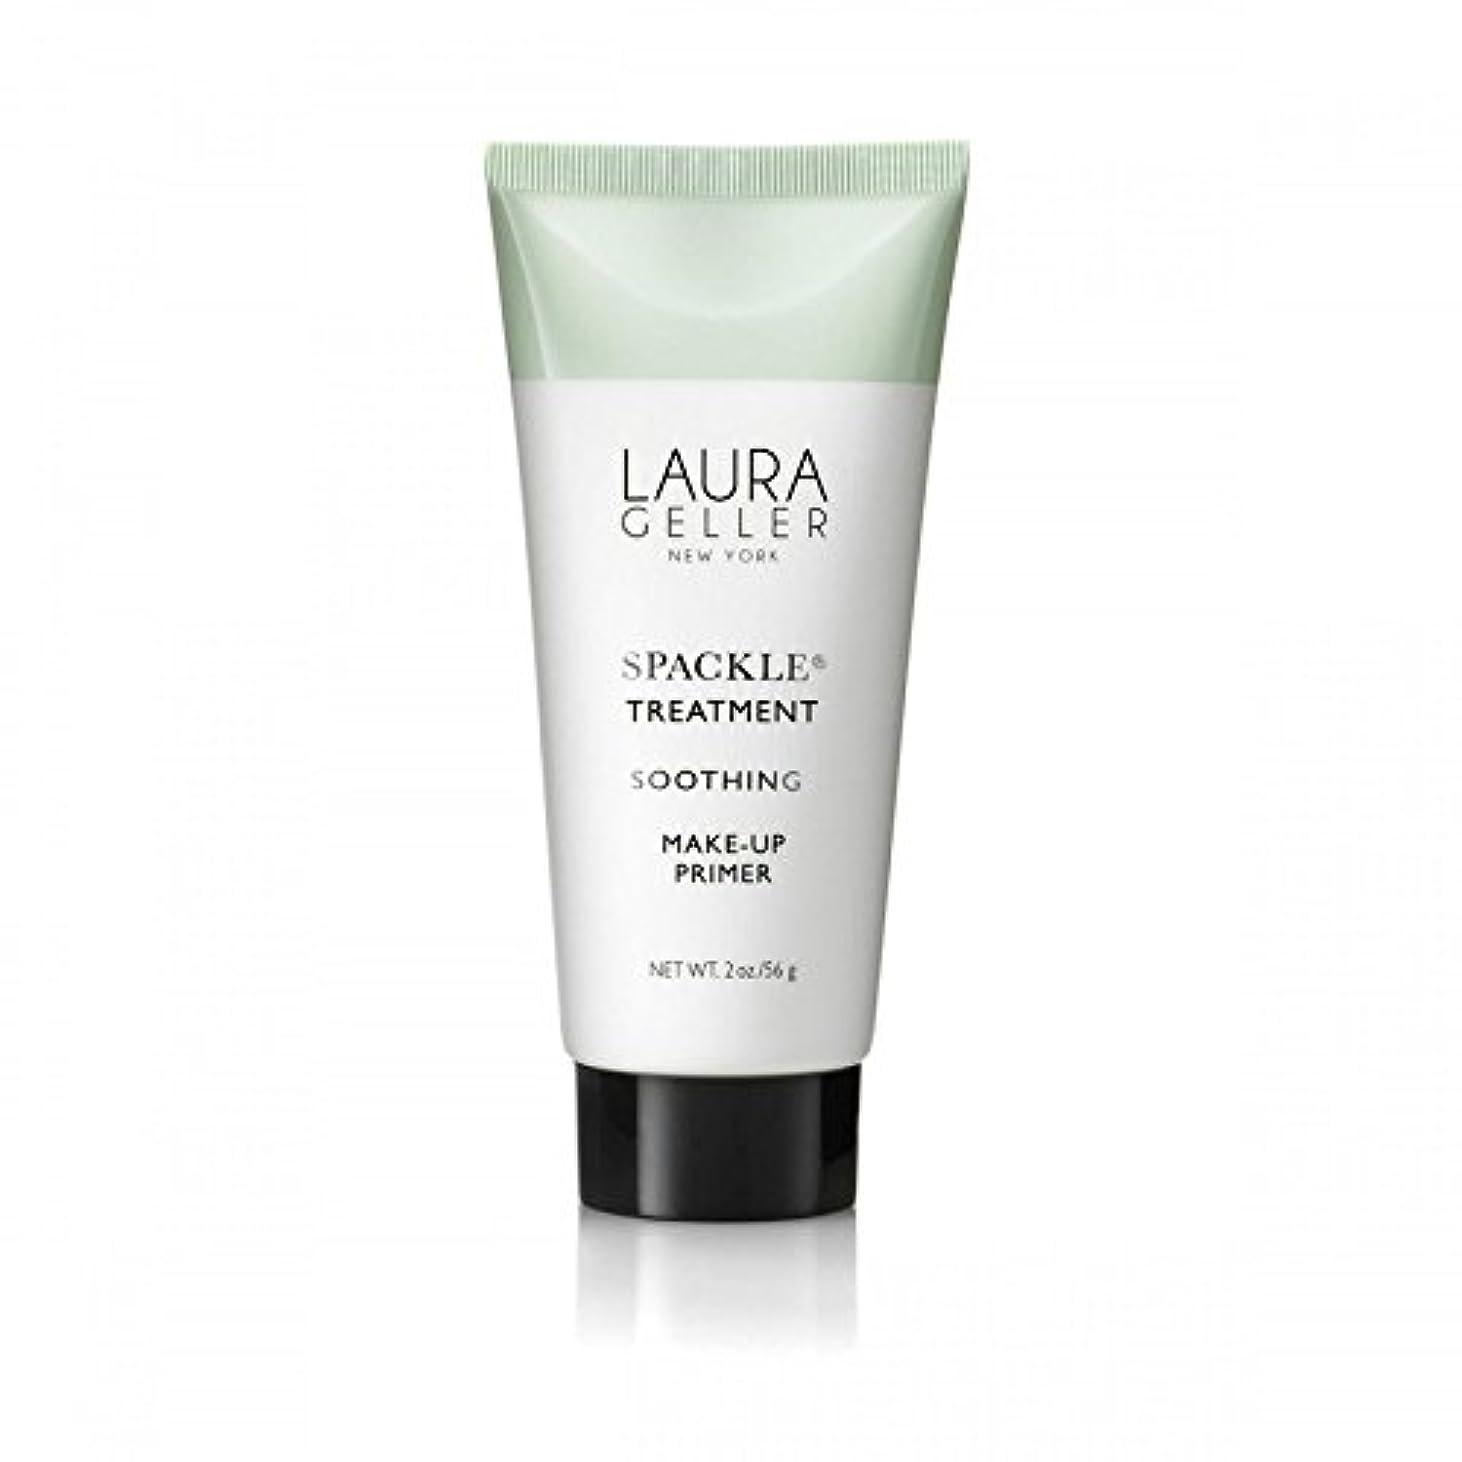 送った現実には共和国Laura Geller Spackle Treatment Under Make-Up Primer Soothing (Pack of 6) - メイクアッププライマー癒しの下のローラ?ゲラー 処理 x6 [並行輸入品]